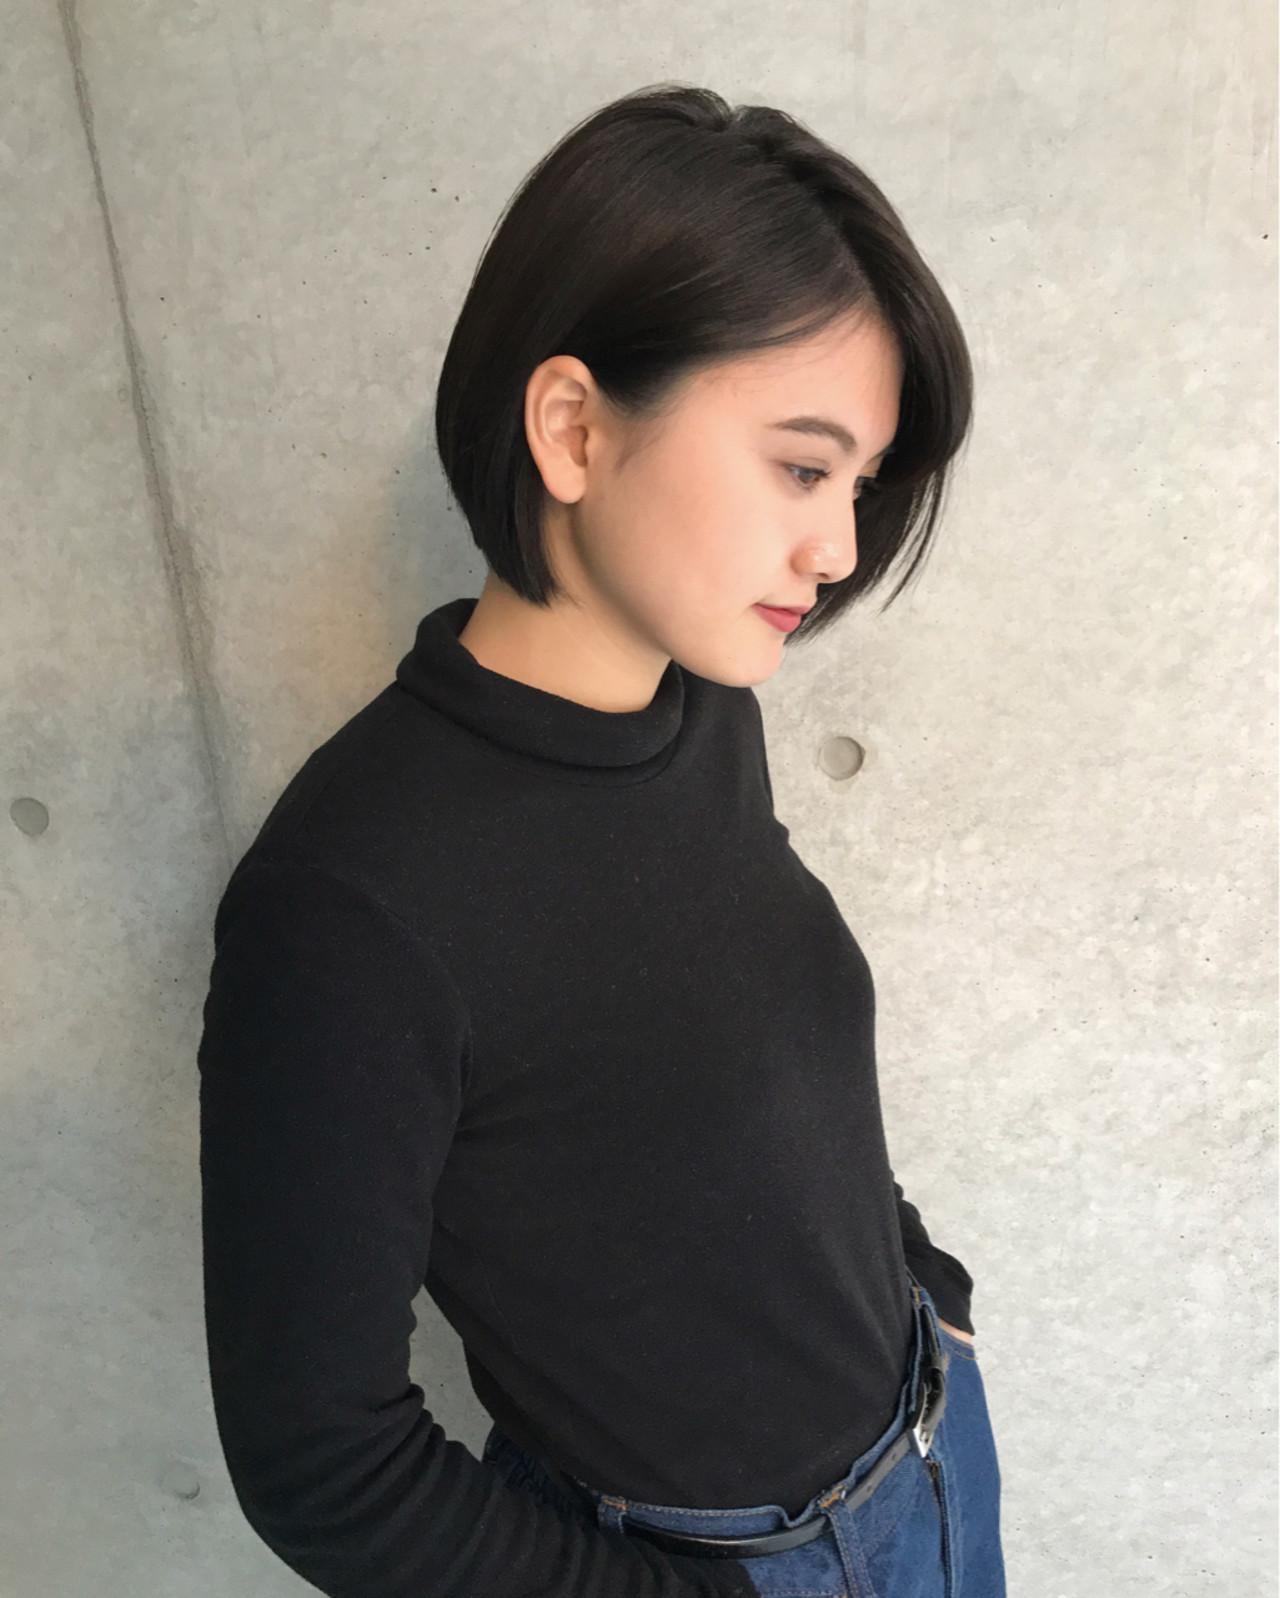 【黒髪】ストレートボブ11